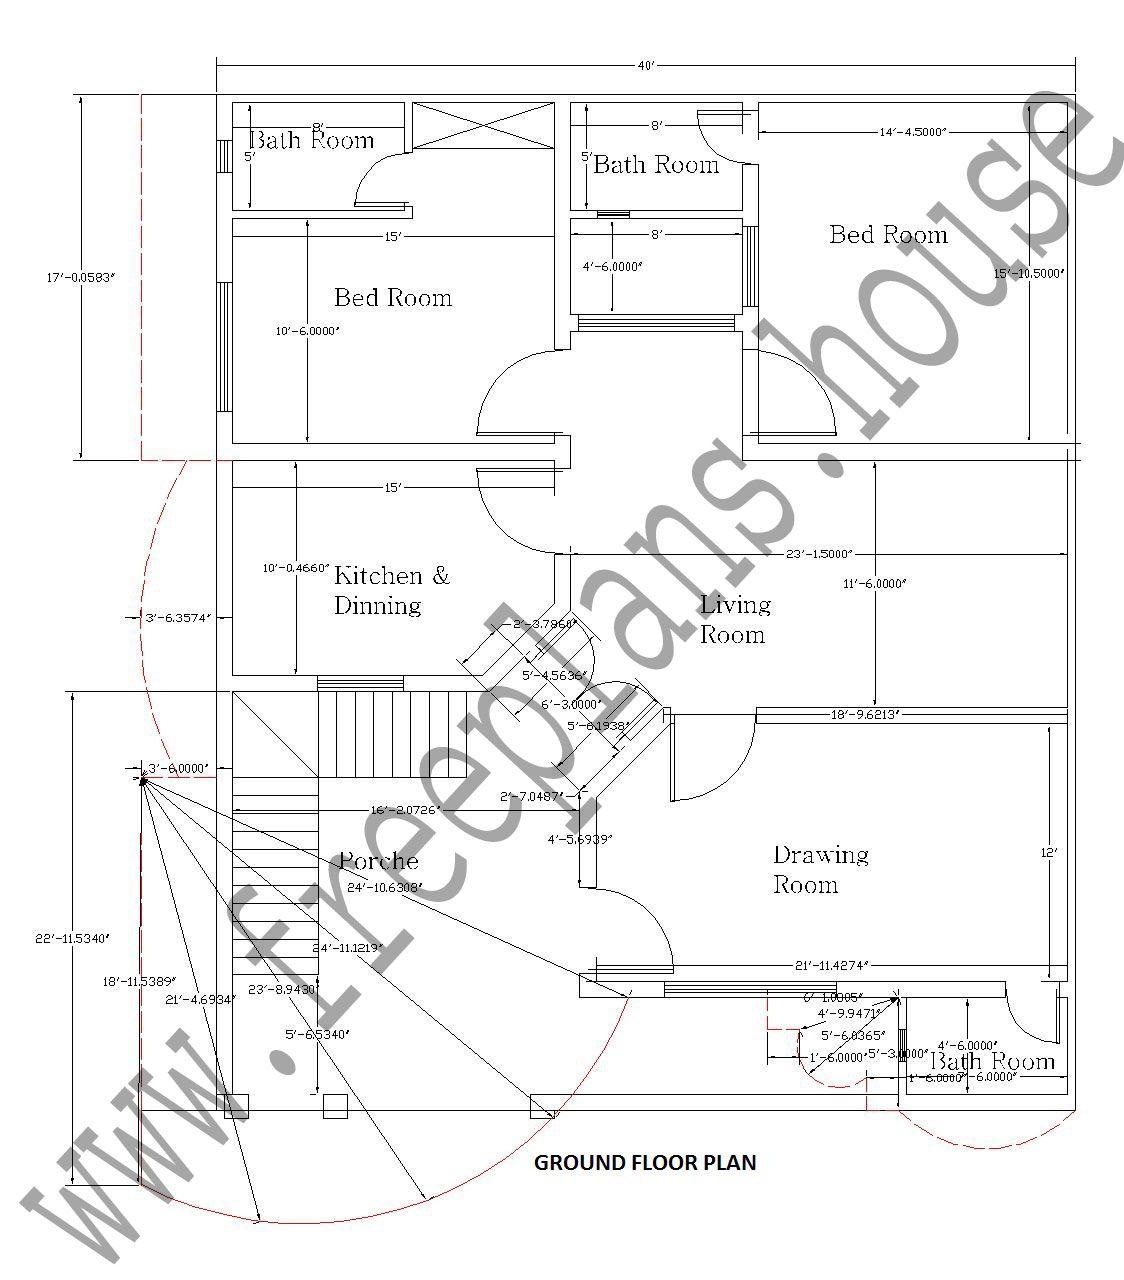 40x48 Feet Ground Floor Plan Ground Floor Plan How To Plan Floor Plans